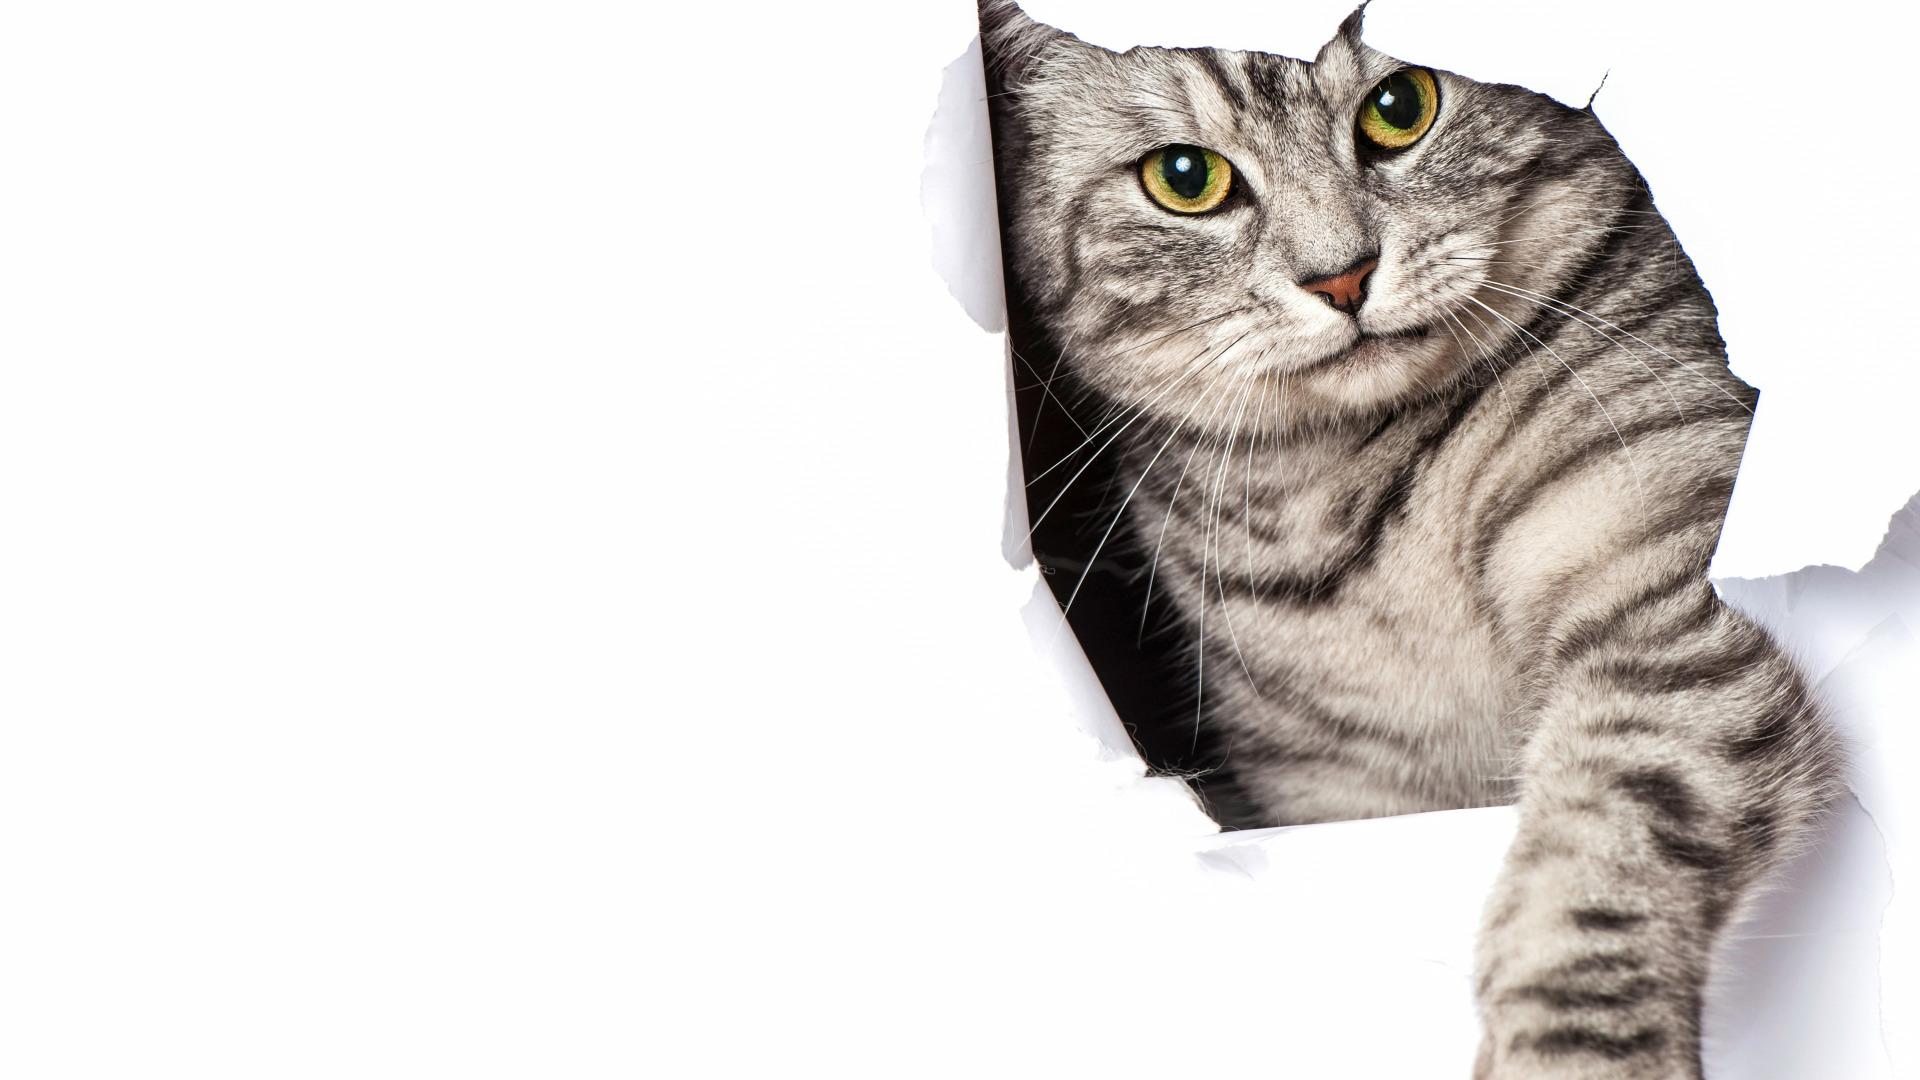 how do i get rid of cat urine smell